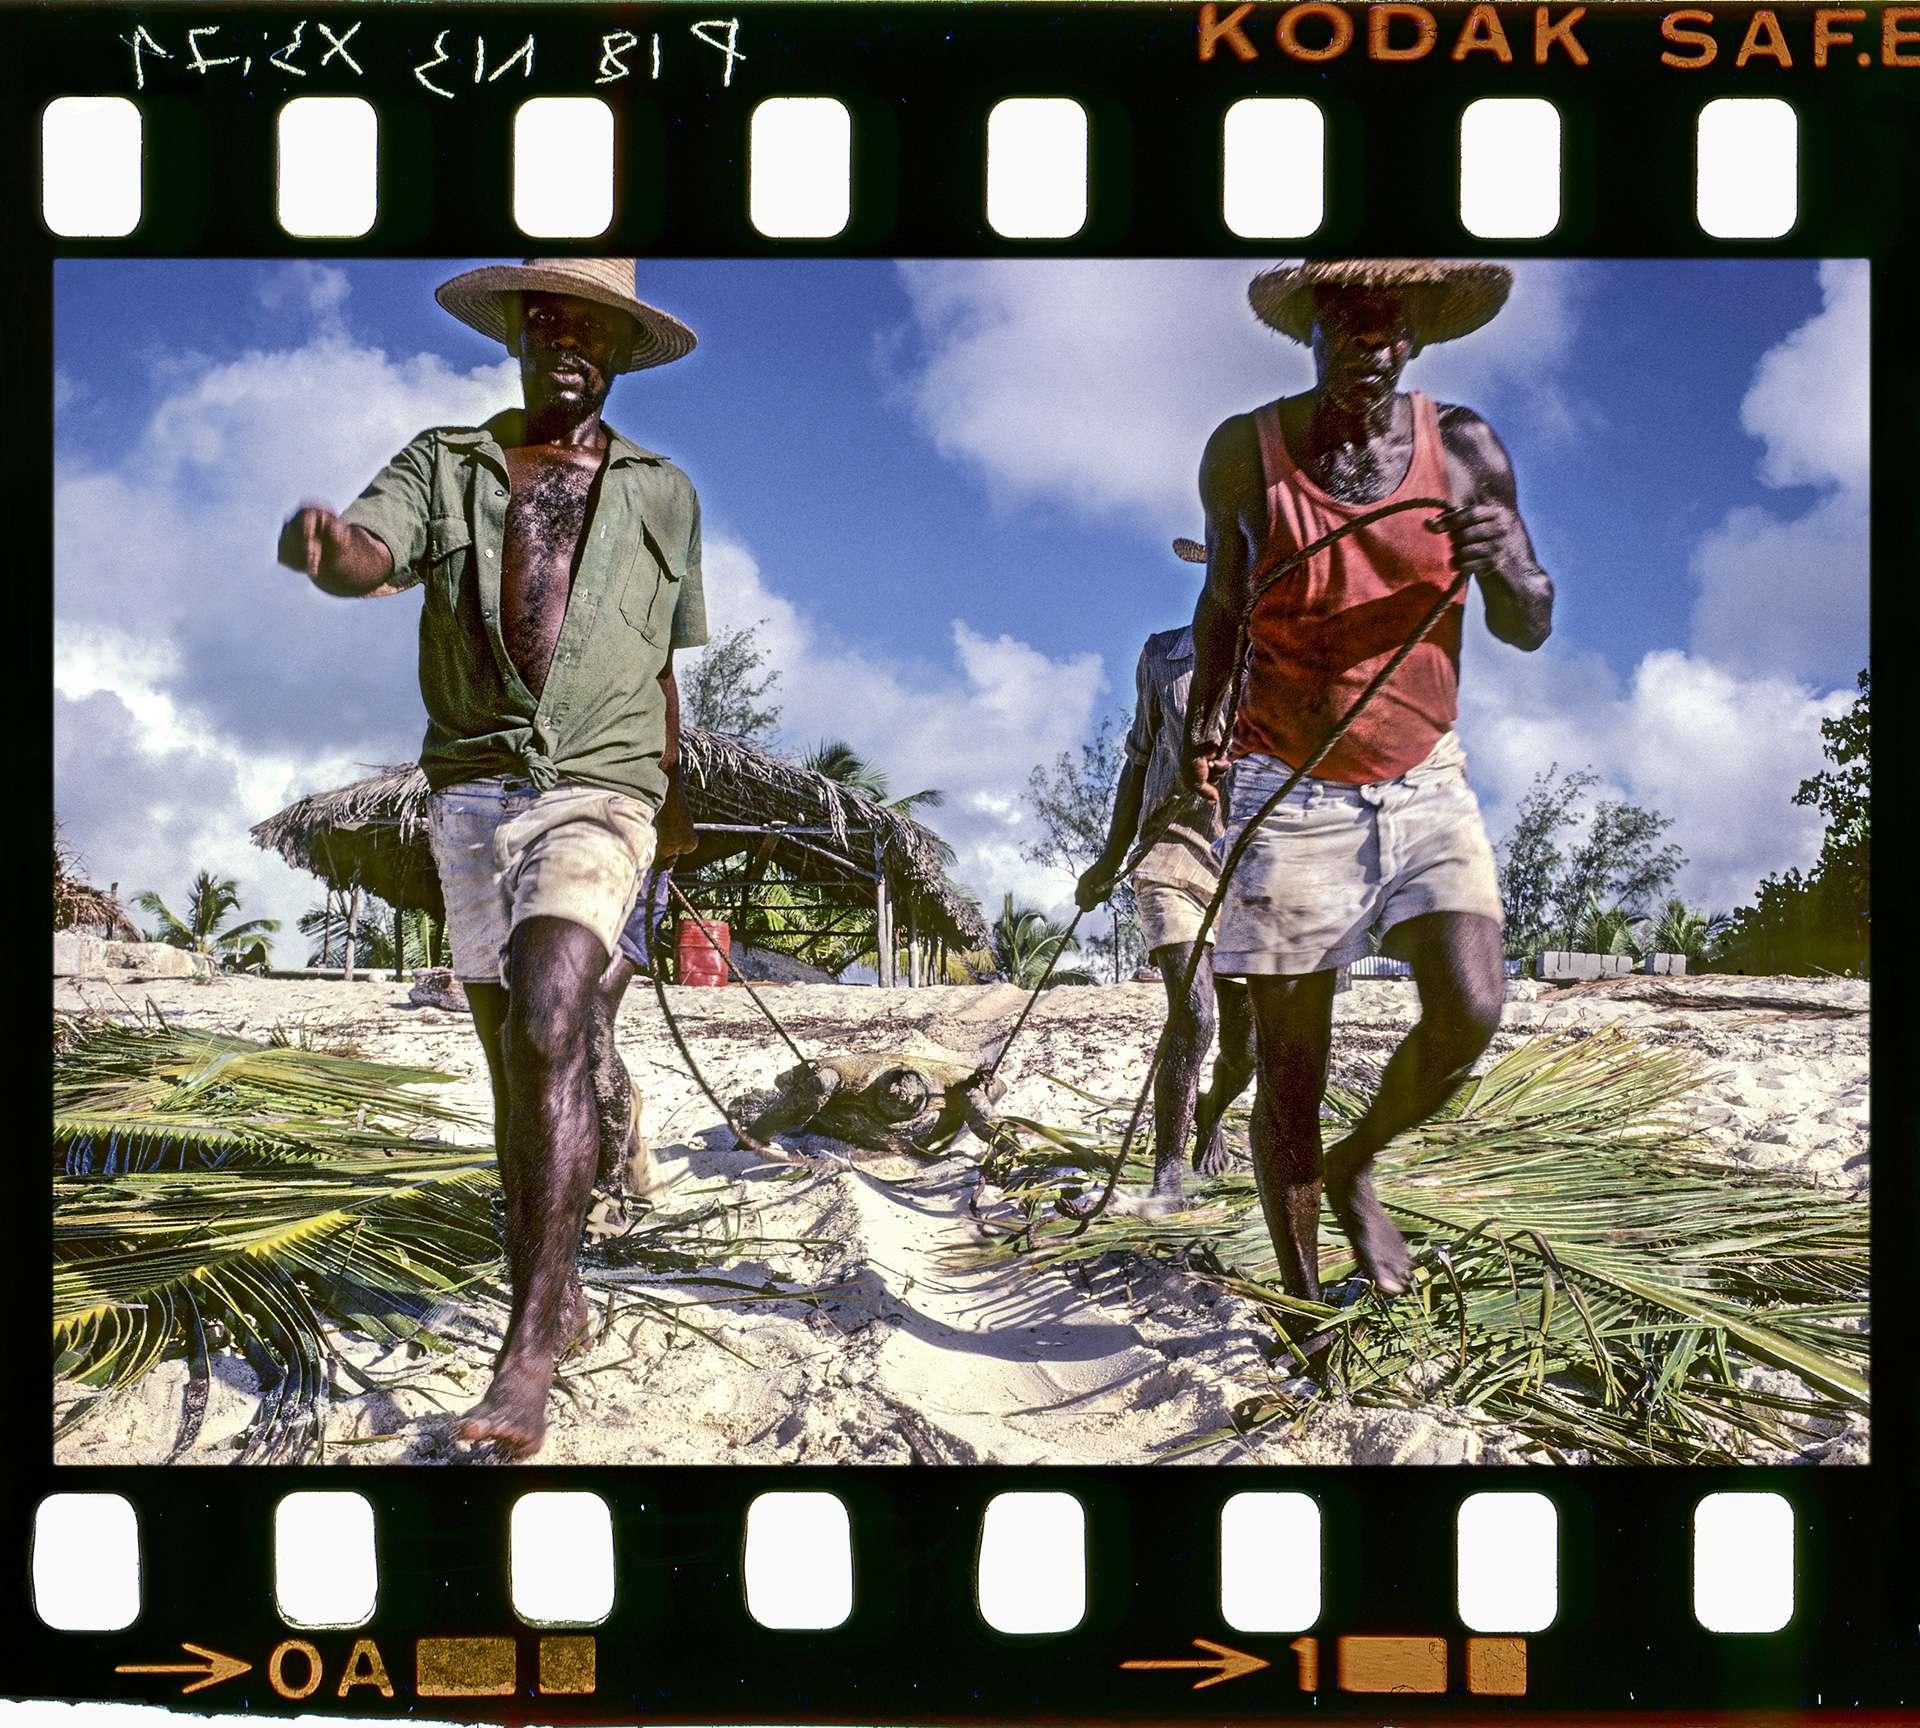 Photographie de Gilles Martin du trafic des tortues de mer